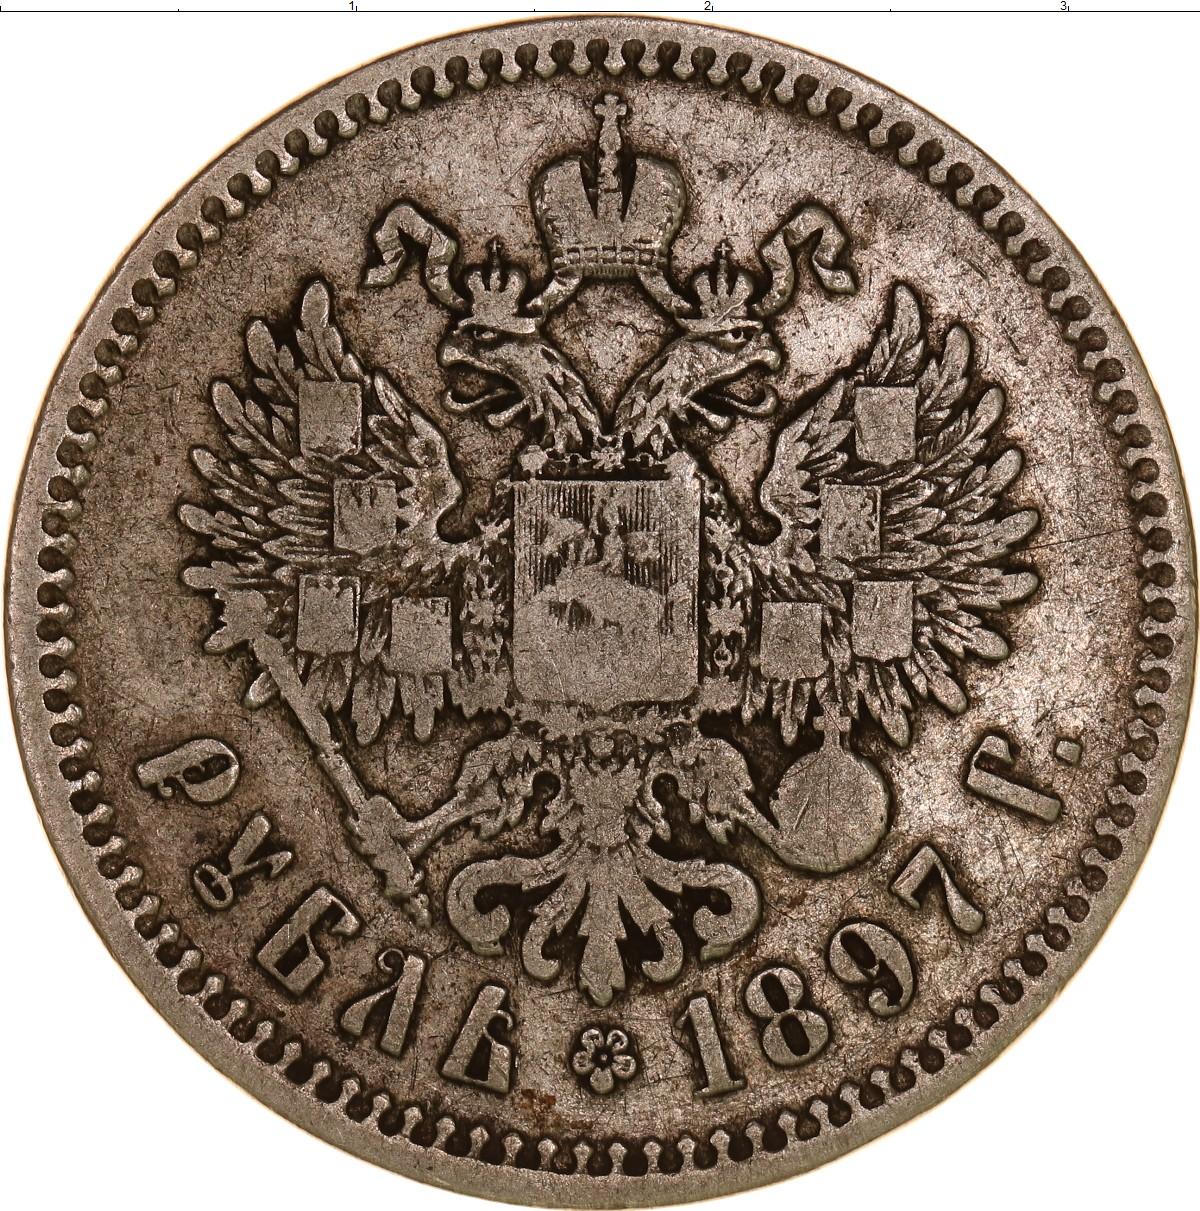 монеты царской россии в картинках с ценой идеально